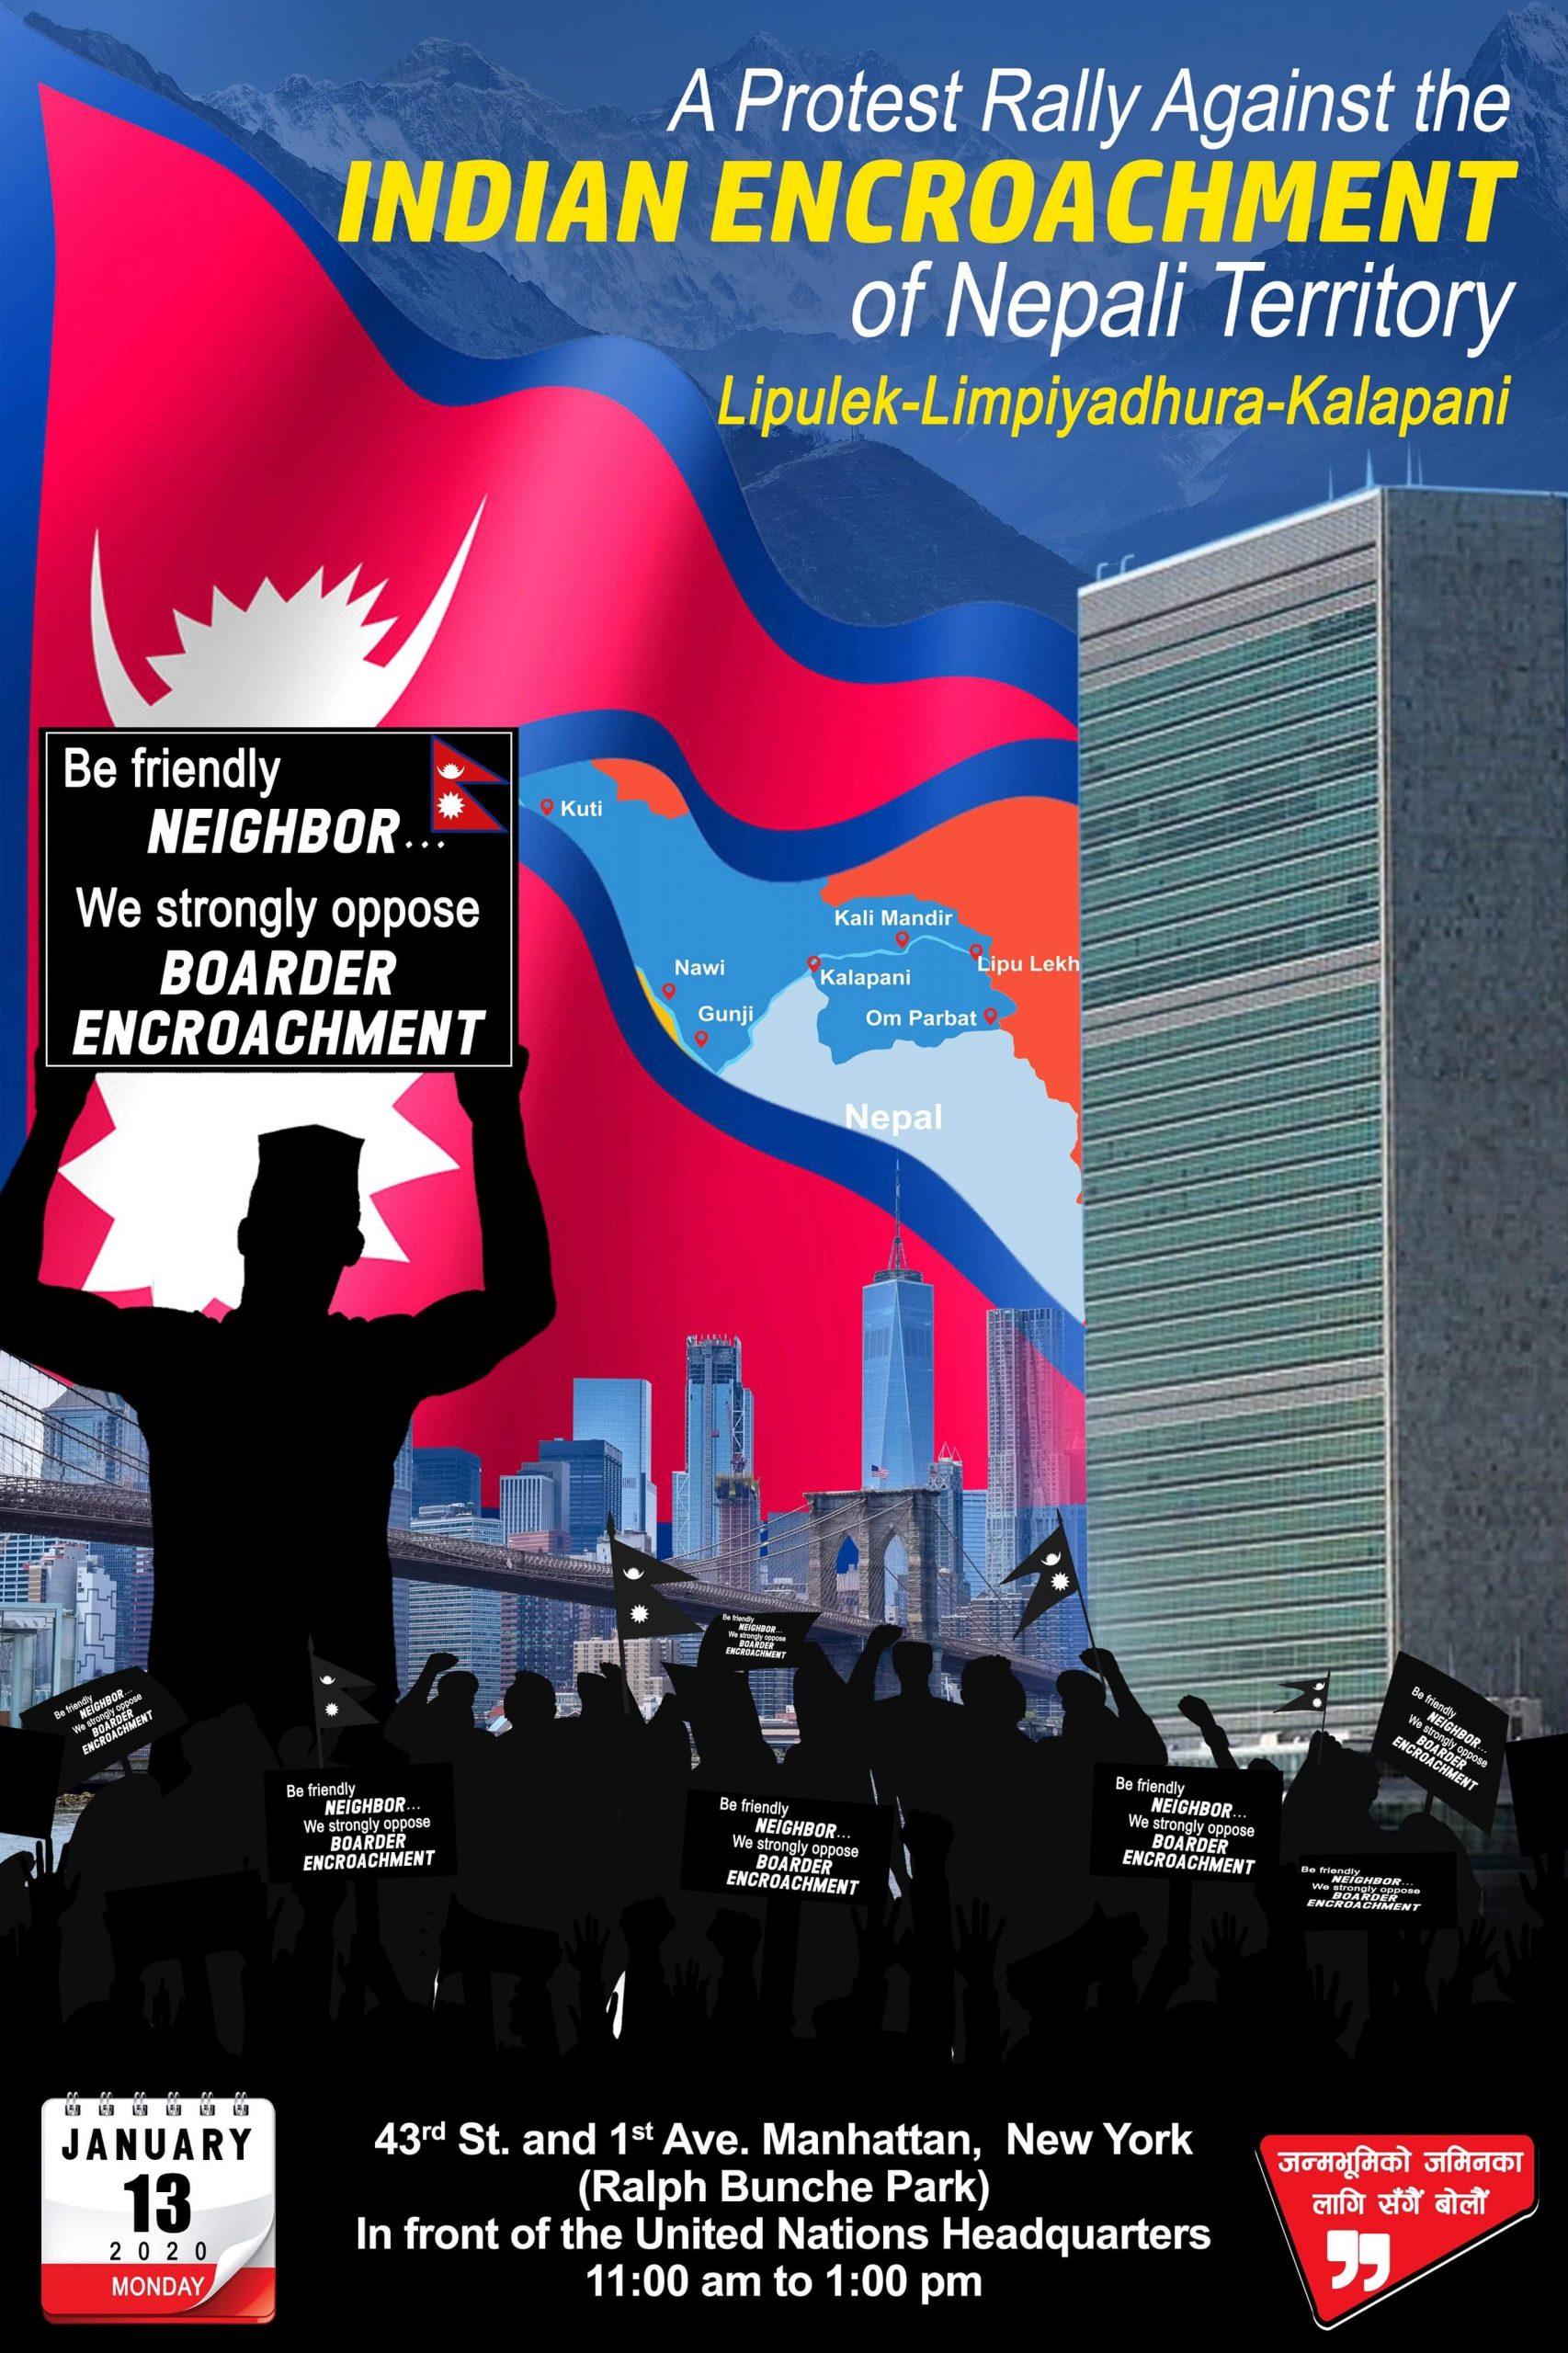 संयुक्त राष्ट्रसंघ अगाडि नेपालीहरुद्दारा बिरोध -याली गरिंदै